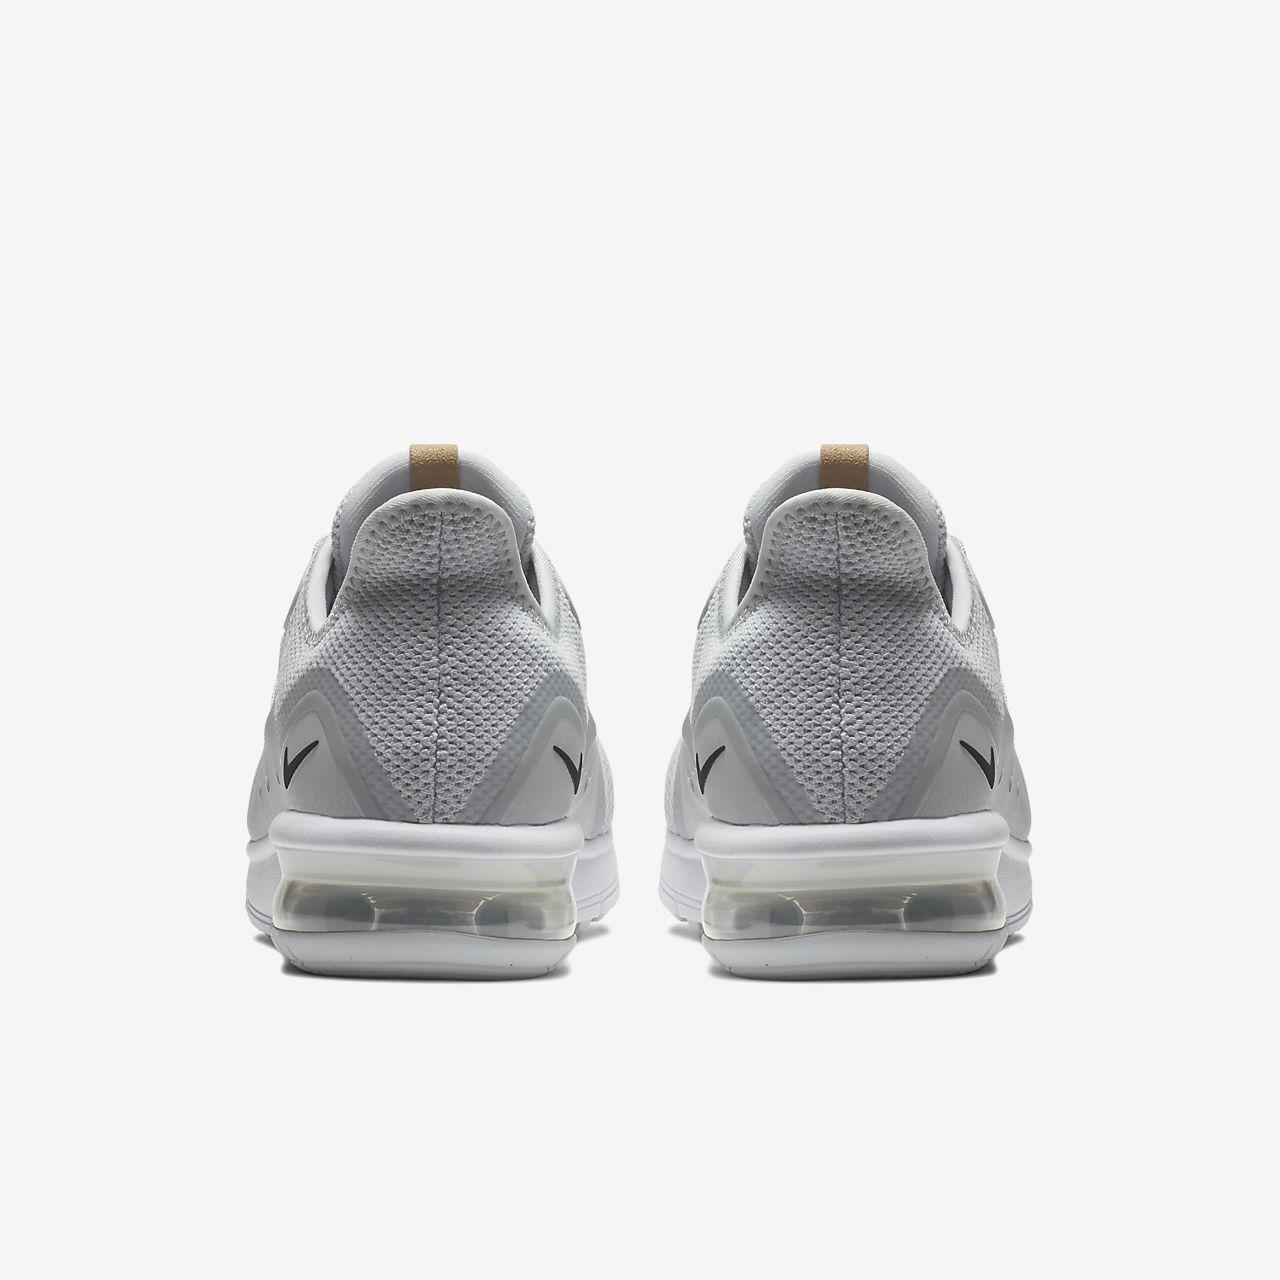 a99efed10e03 Nike Air Max Sequent 3 Women s Shoe. Nike.com CH